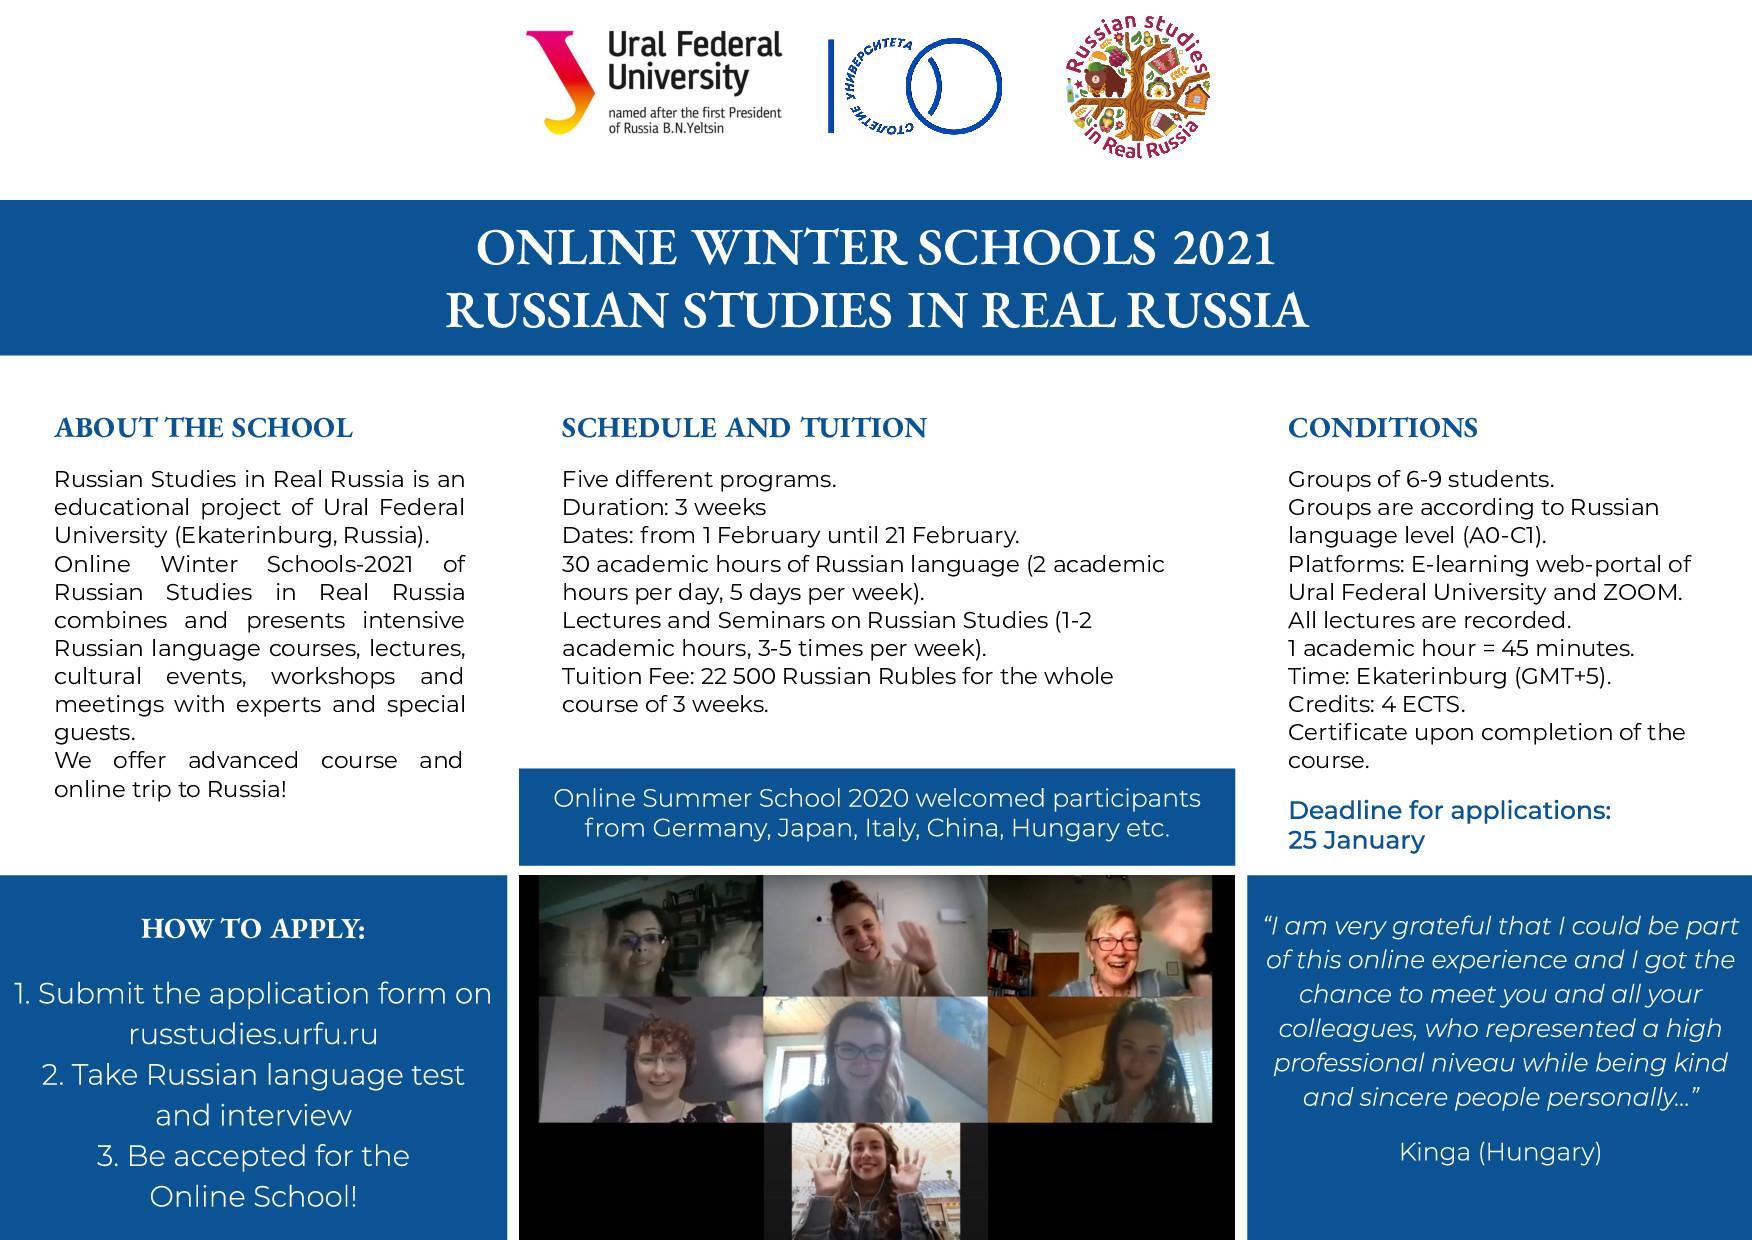 [轉知]俄羅斯烏拉爾聯邦大學(URFU)線上冬令營